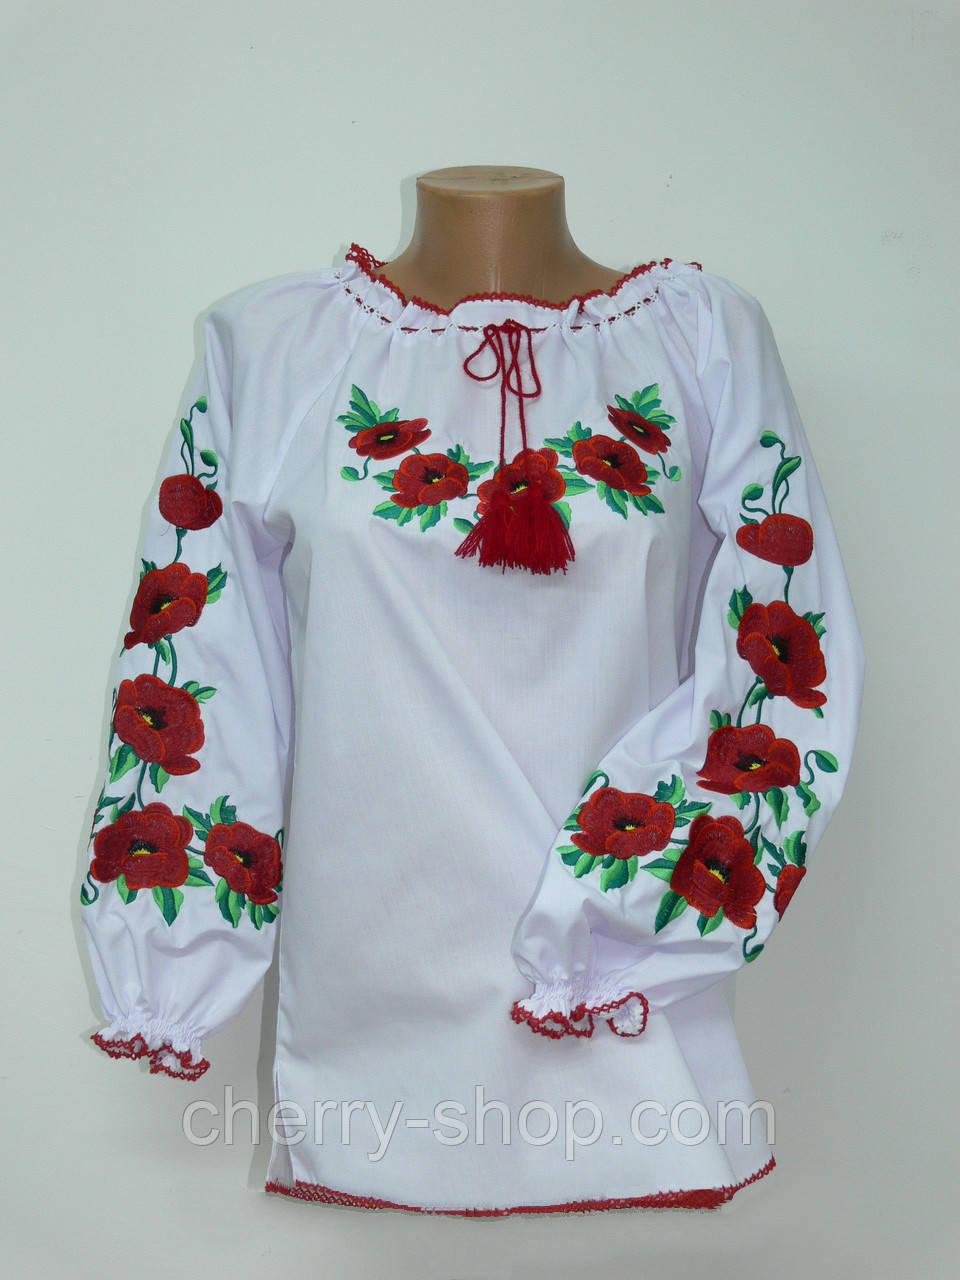 Женская вышиванка Маки хорошое качество, недорога жіноча вишиванка Маки від Черрі шоп